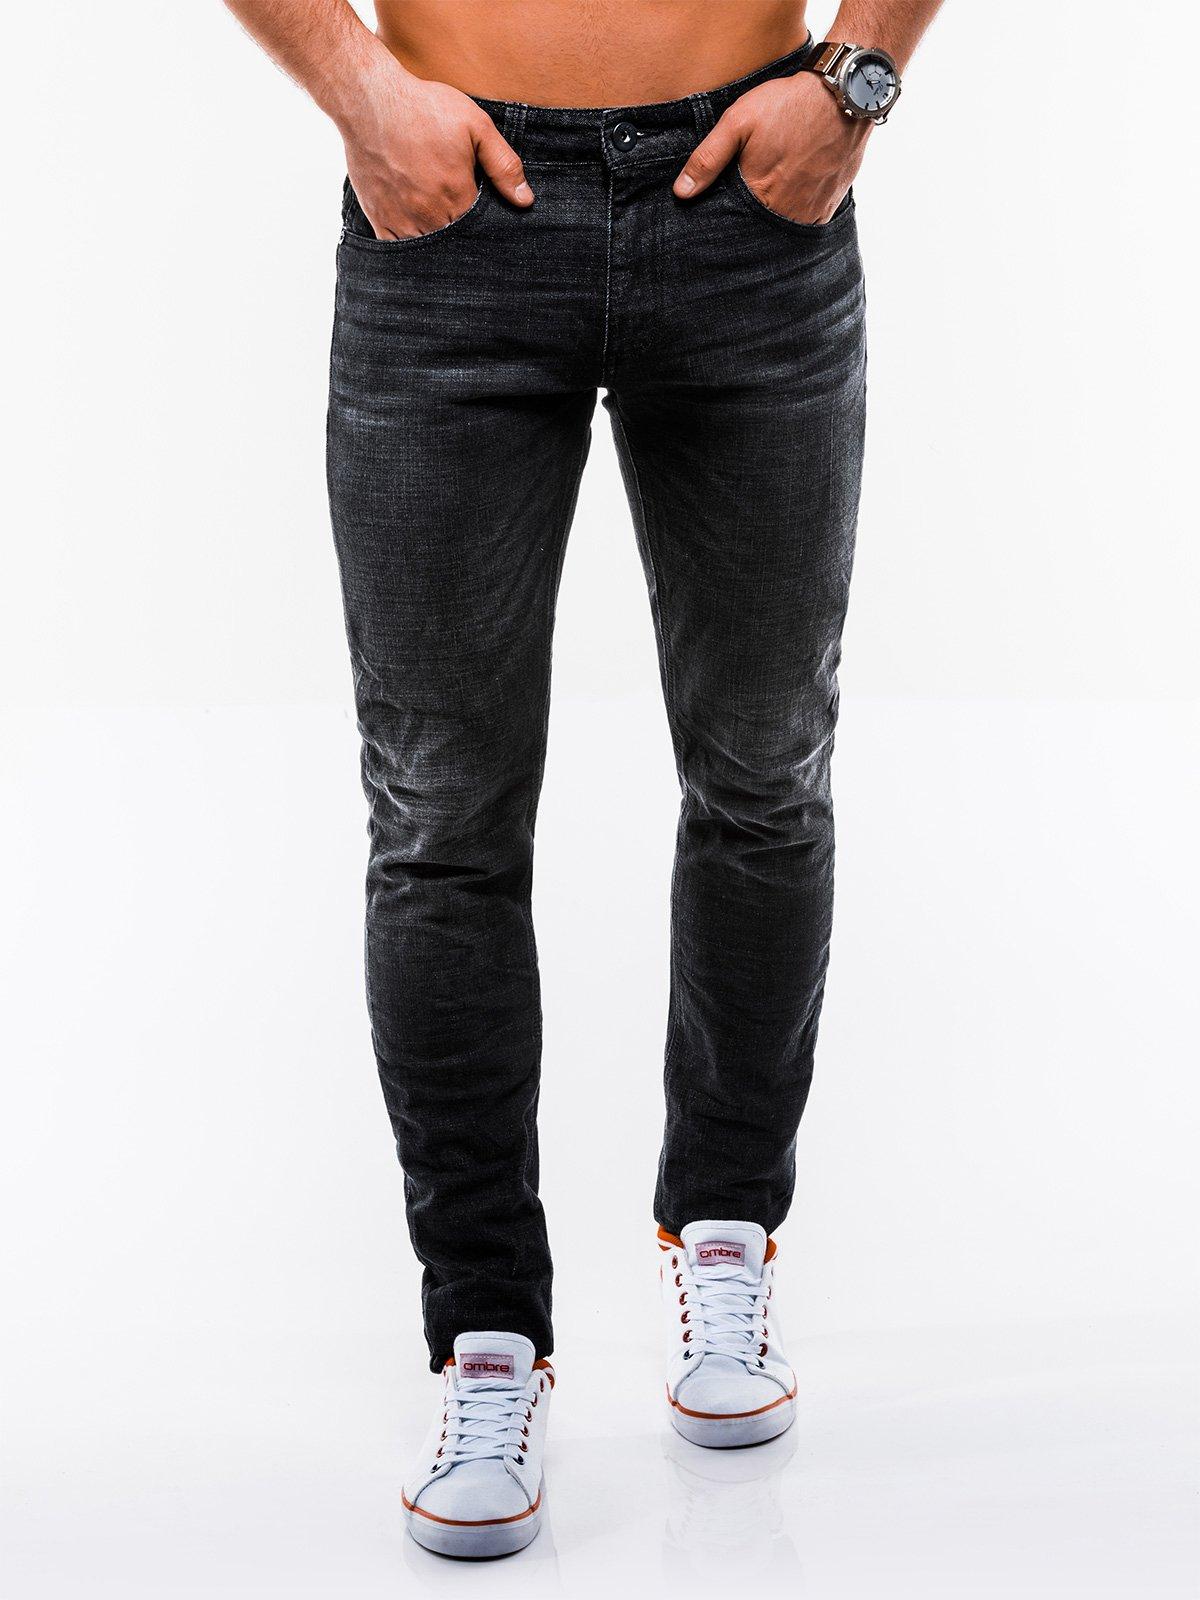 Ombre Clothing Men's jeans P833